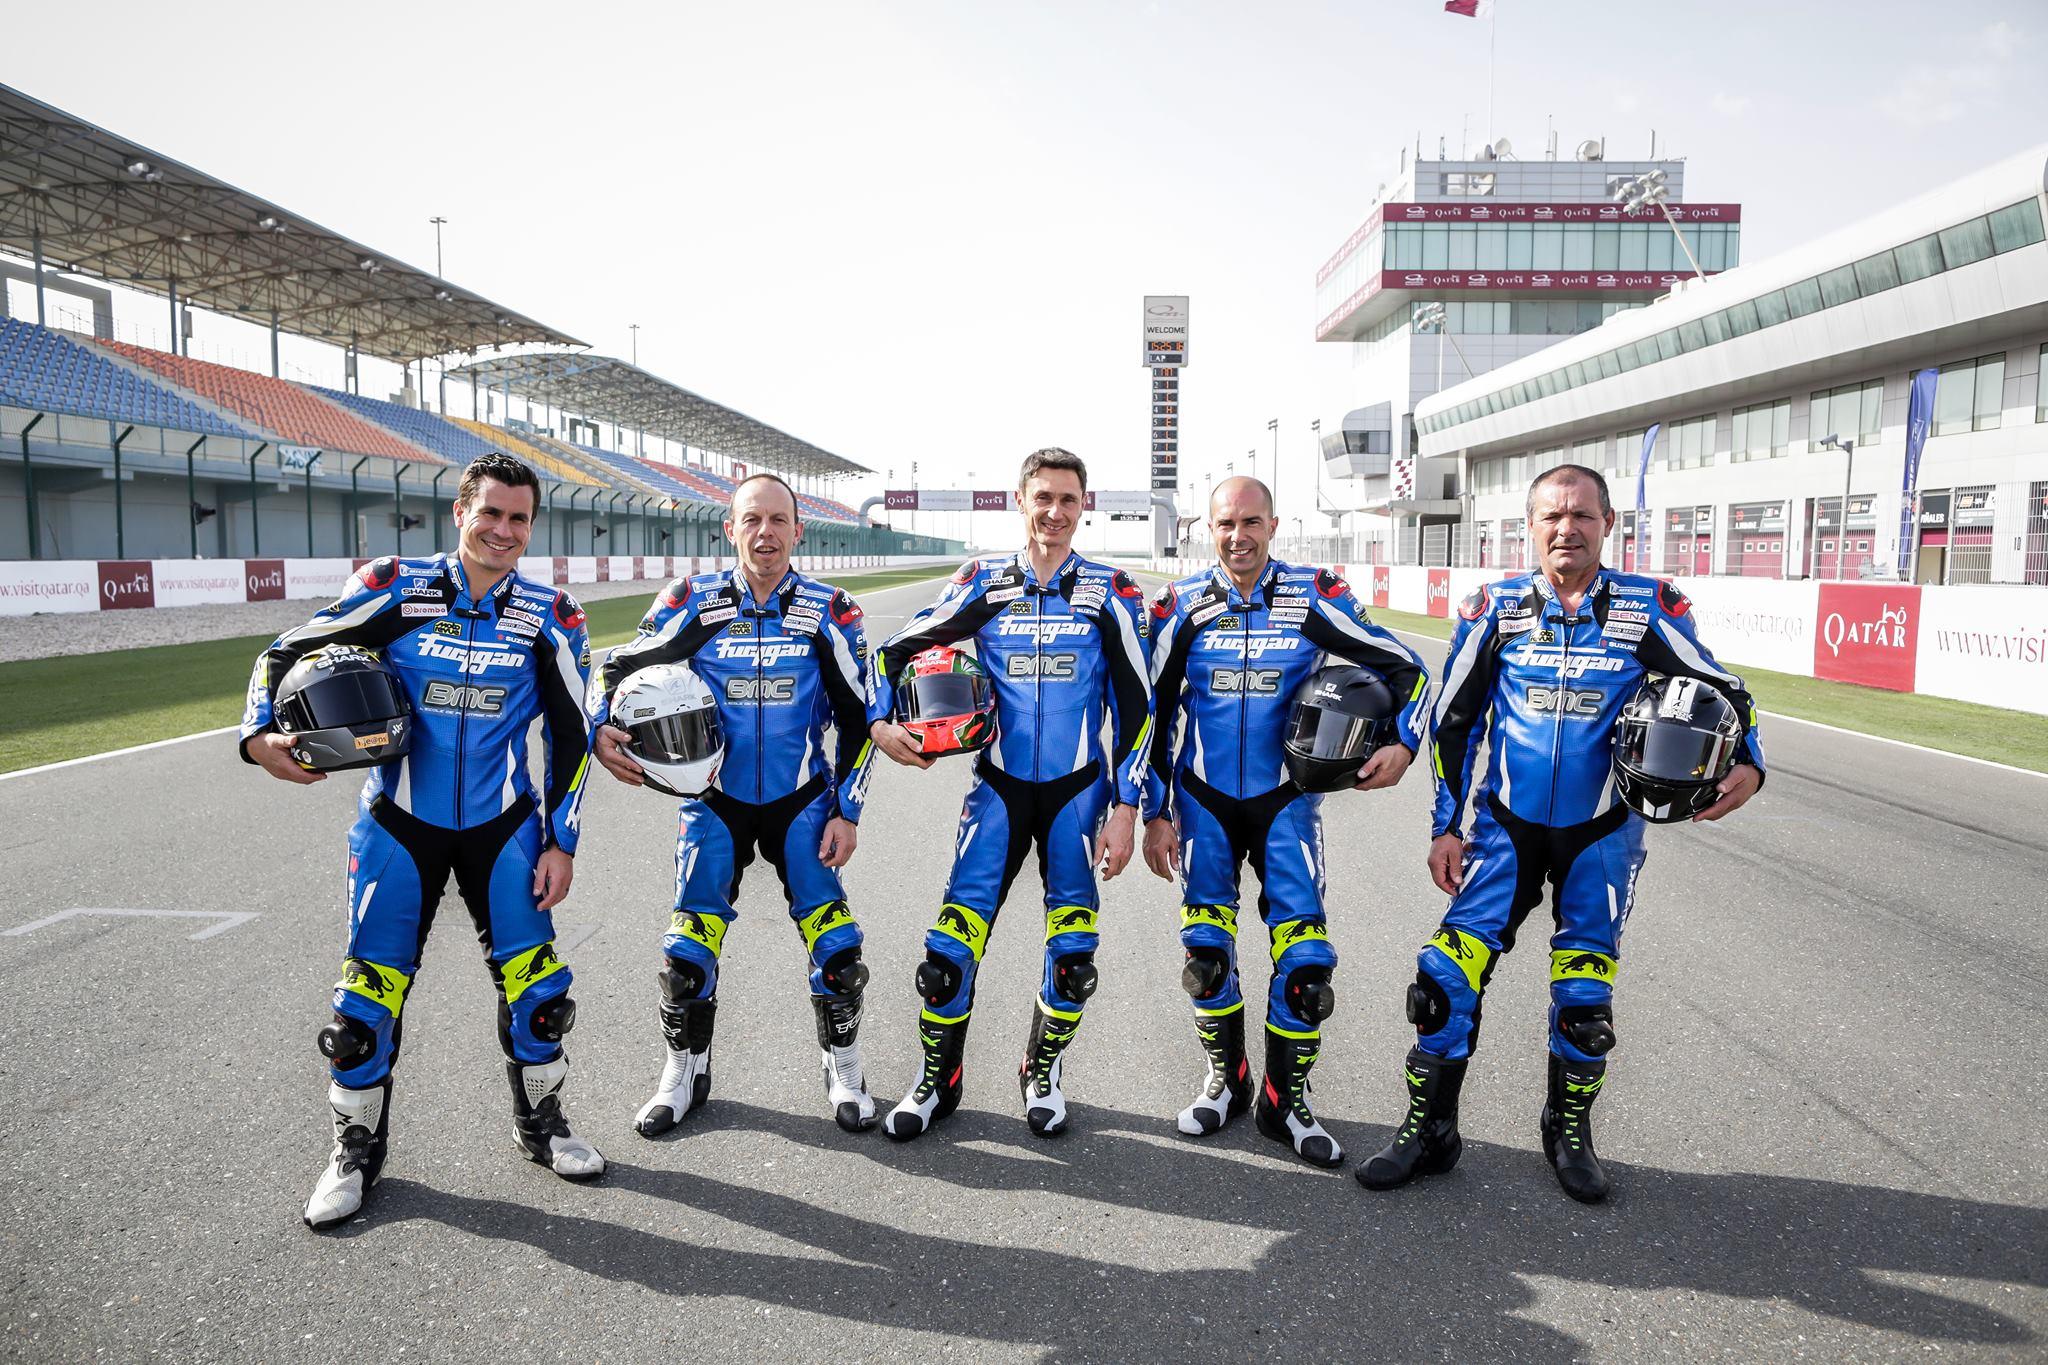 BMC moto à Doha sur le circuit de Losail